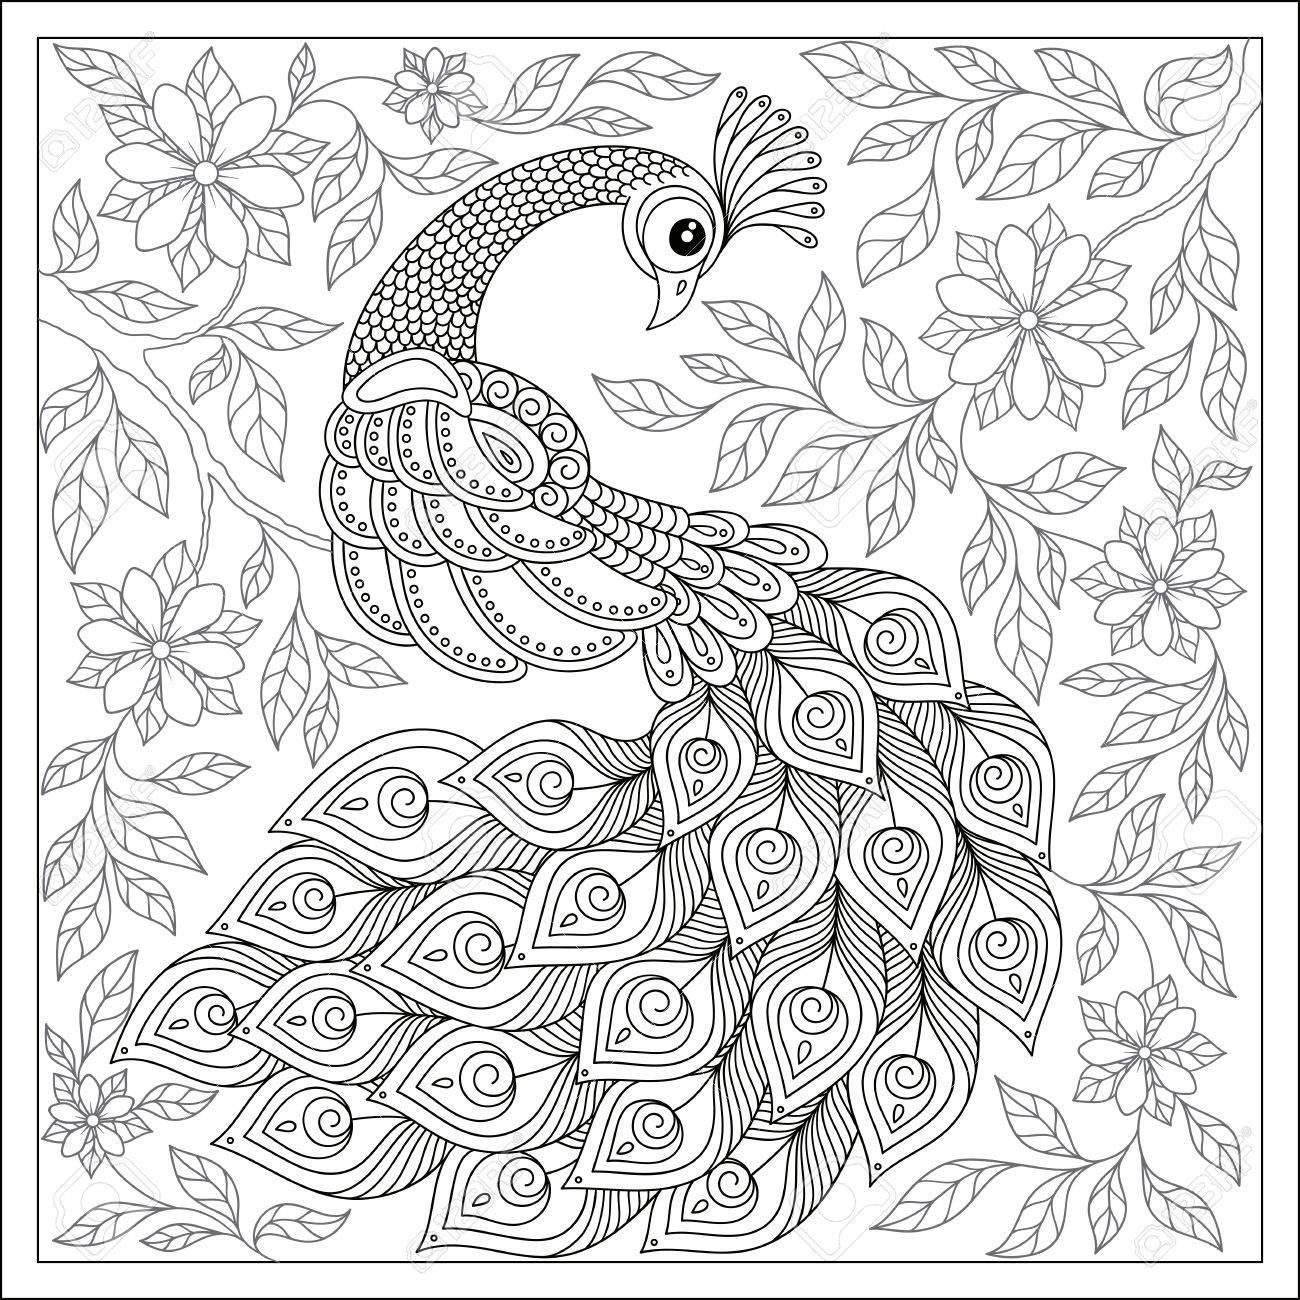 Aves Exóticas, Flores Fantásticas, Ramas, Hojas. Por Vintage Patrón ...